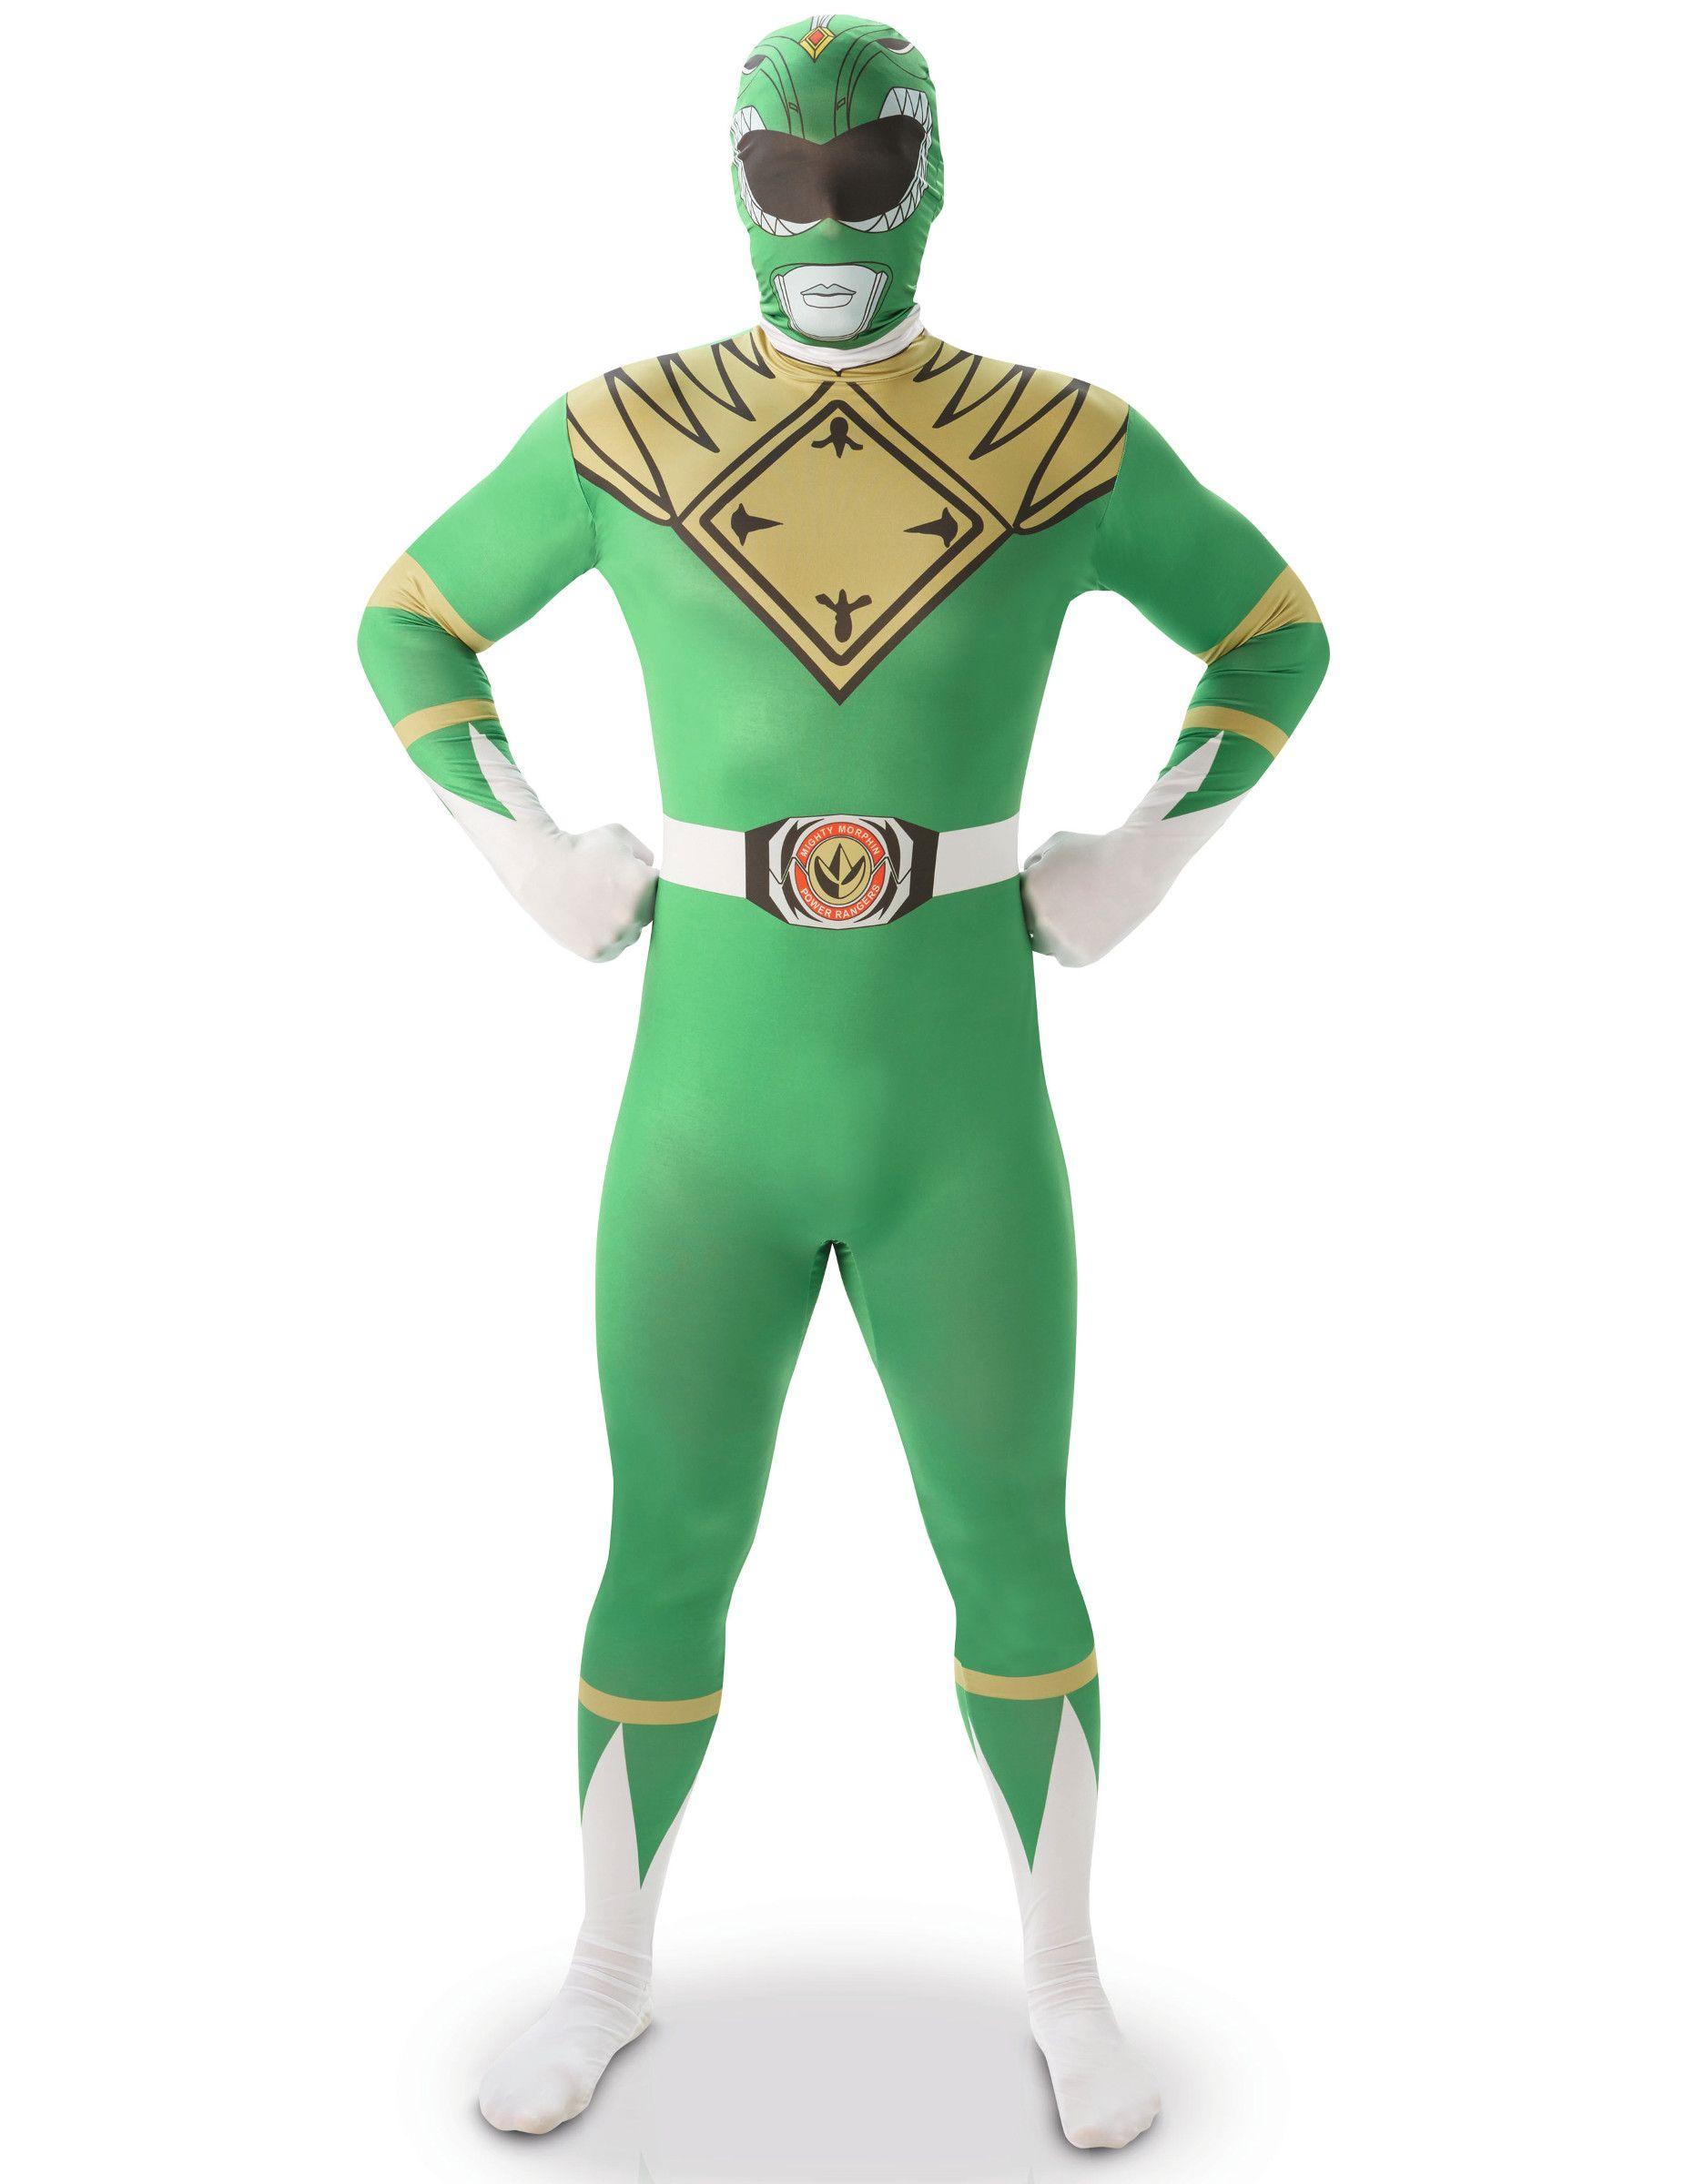 Disfraz Segunda Piel Power Rangers Verde Hombre En 2020 Disfraz